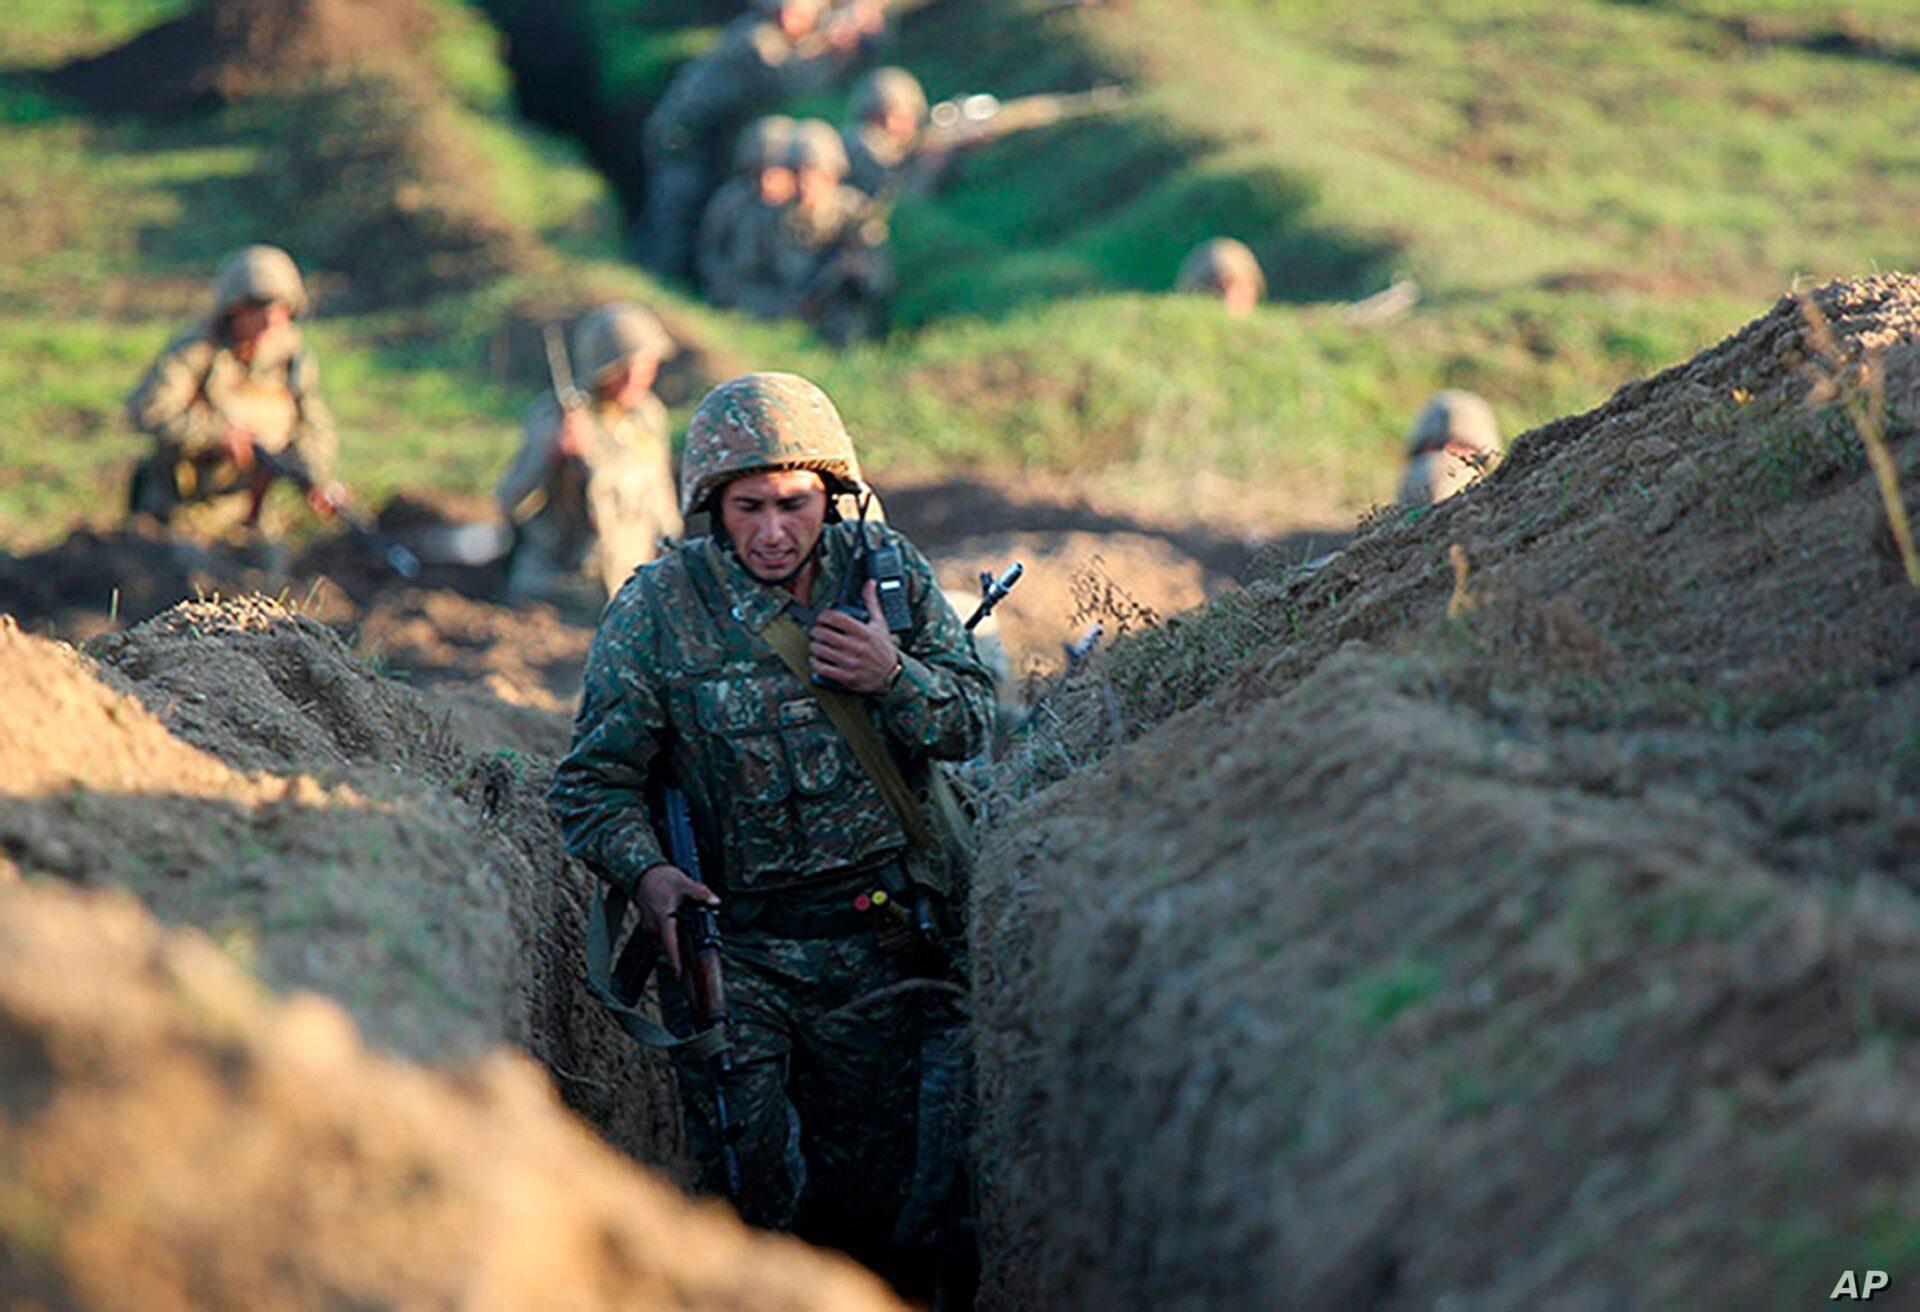 ΠΟΛΕΜΙΚΟ ΧΑΟΣ στην Αρμενία – Μάχες και ασύμμετρες επιθέσεις